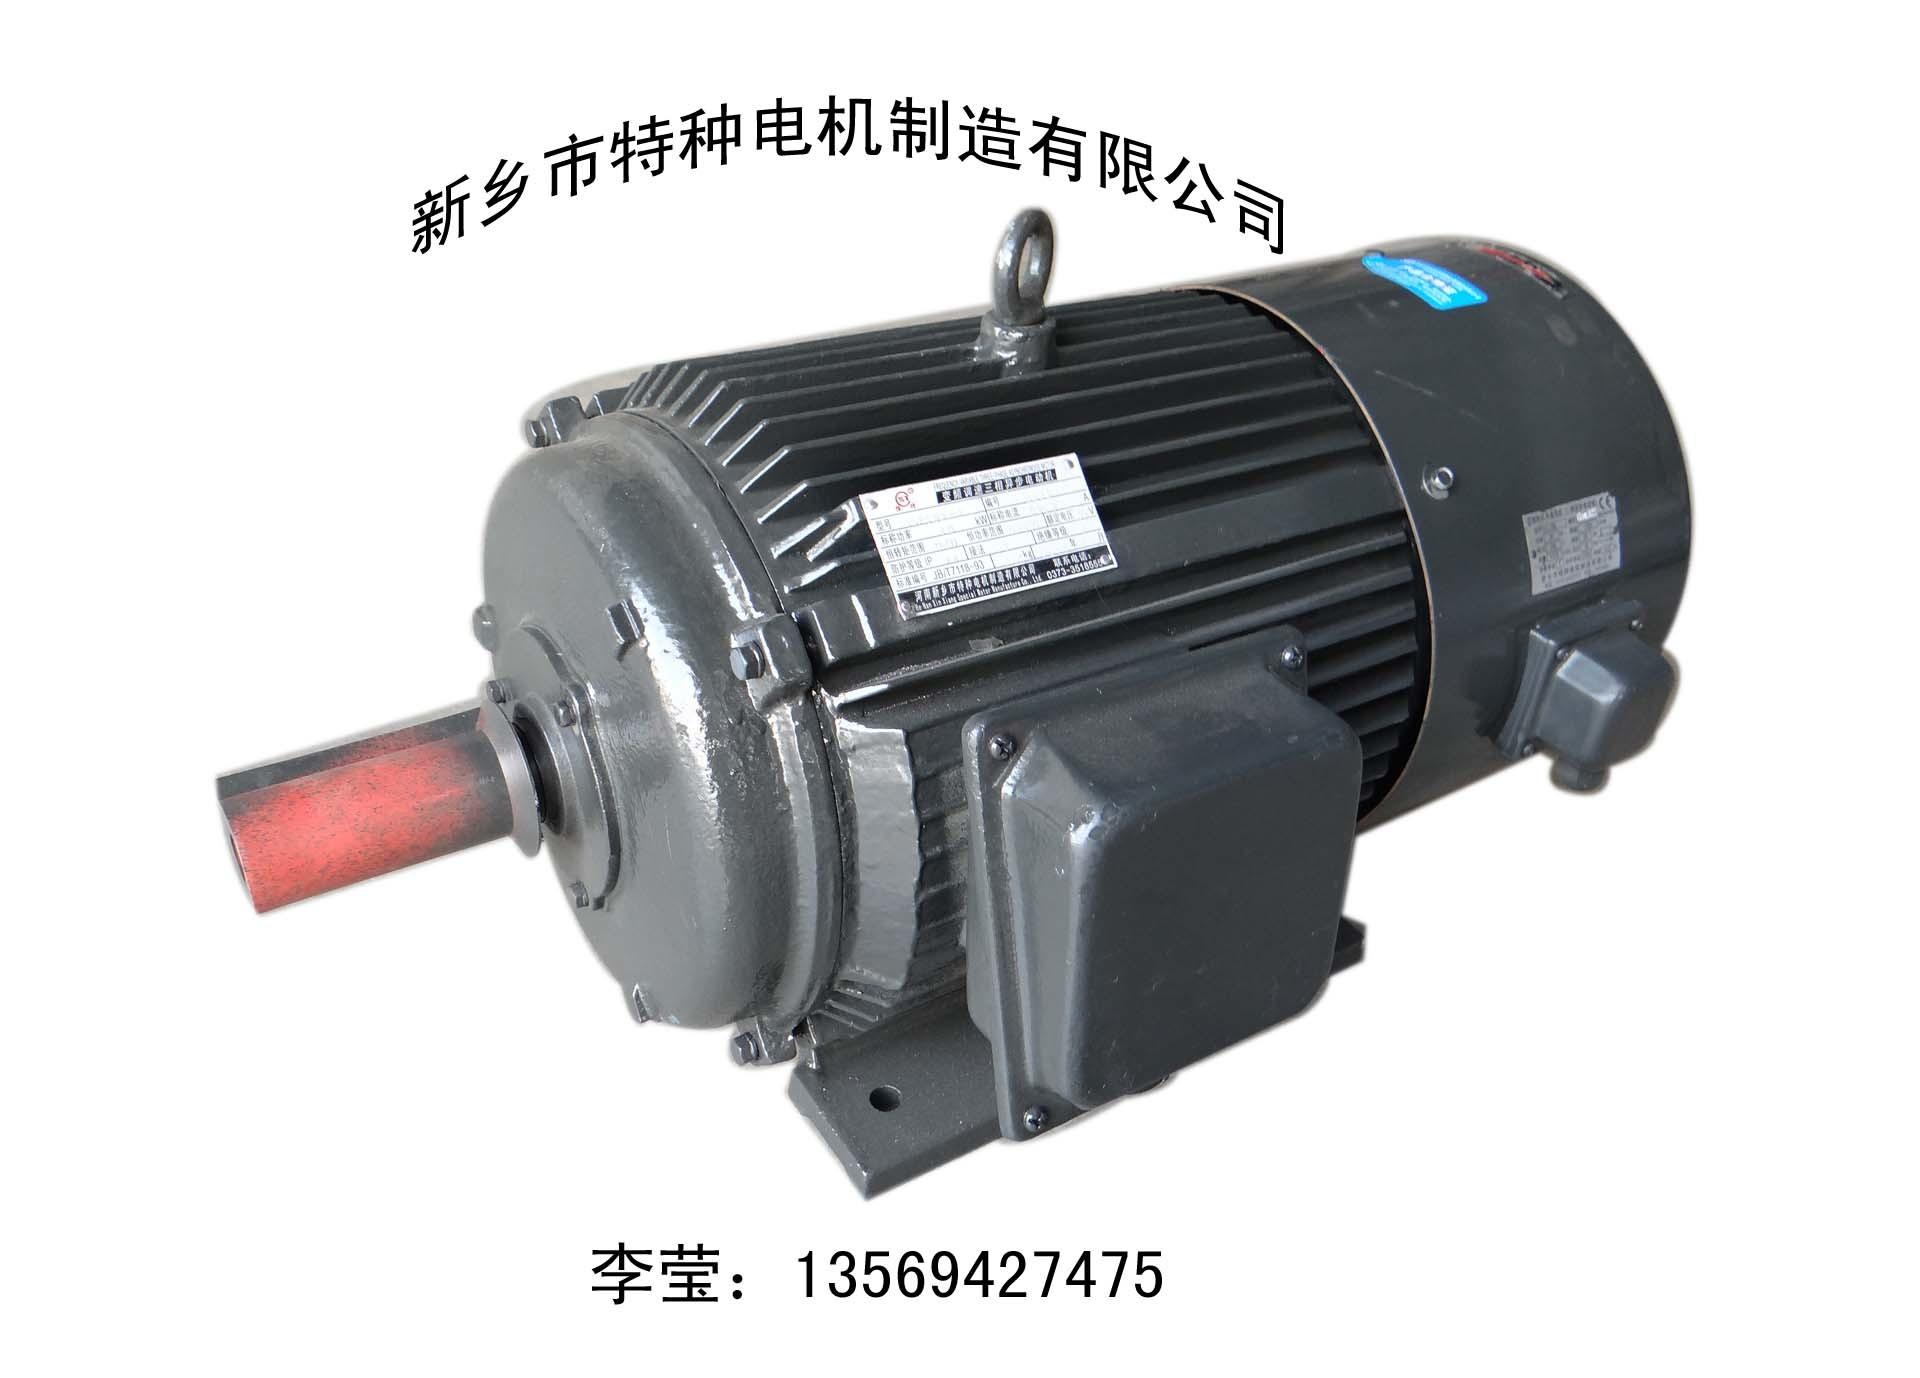 yvp(yvf)160l-4 变频调速电机